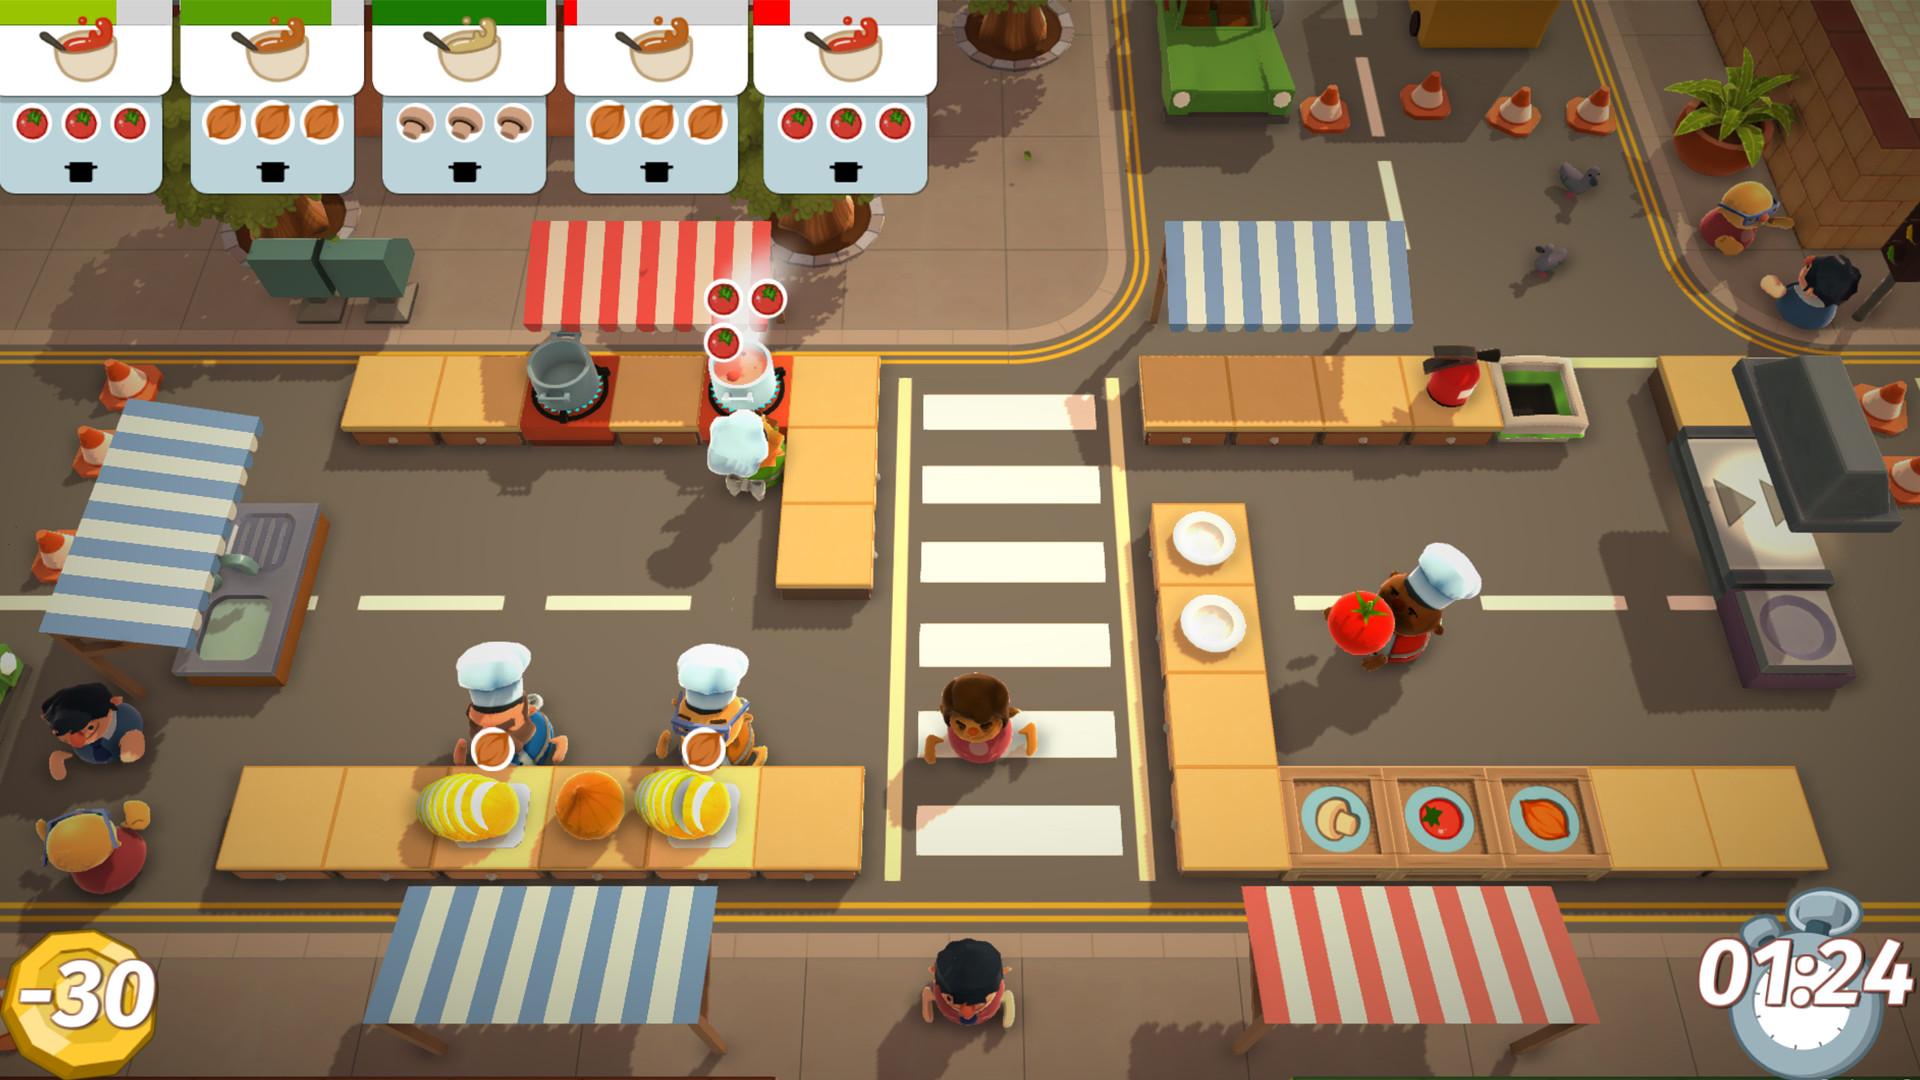 Screenshot of co-op gameplay in Overcooked